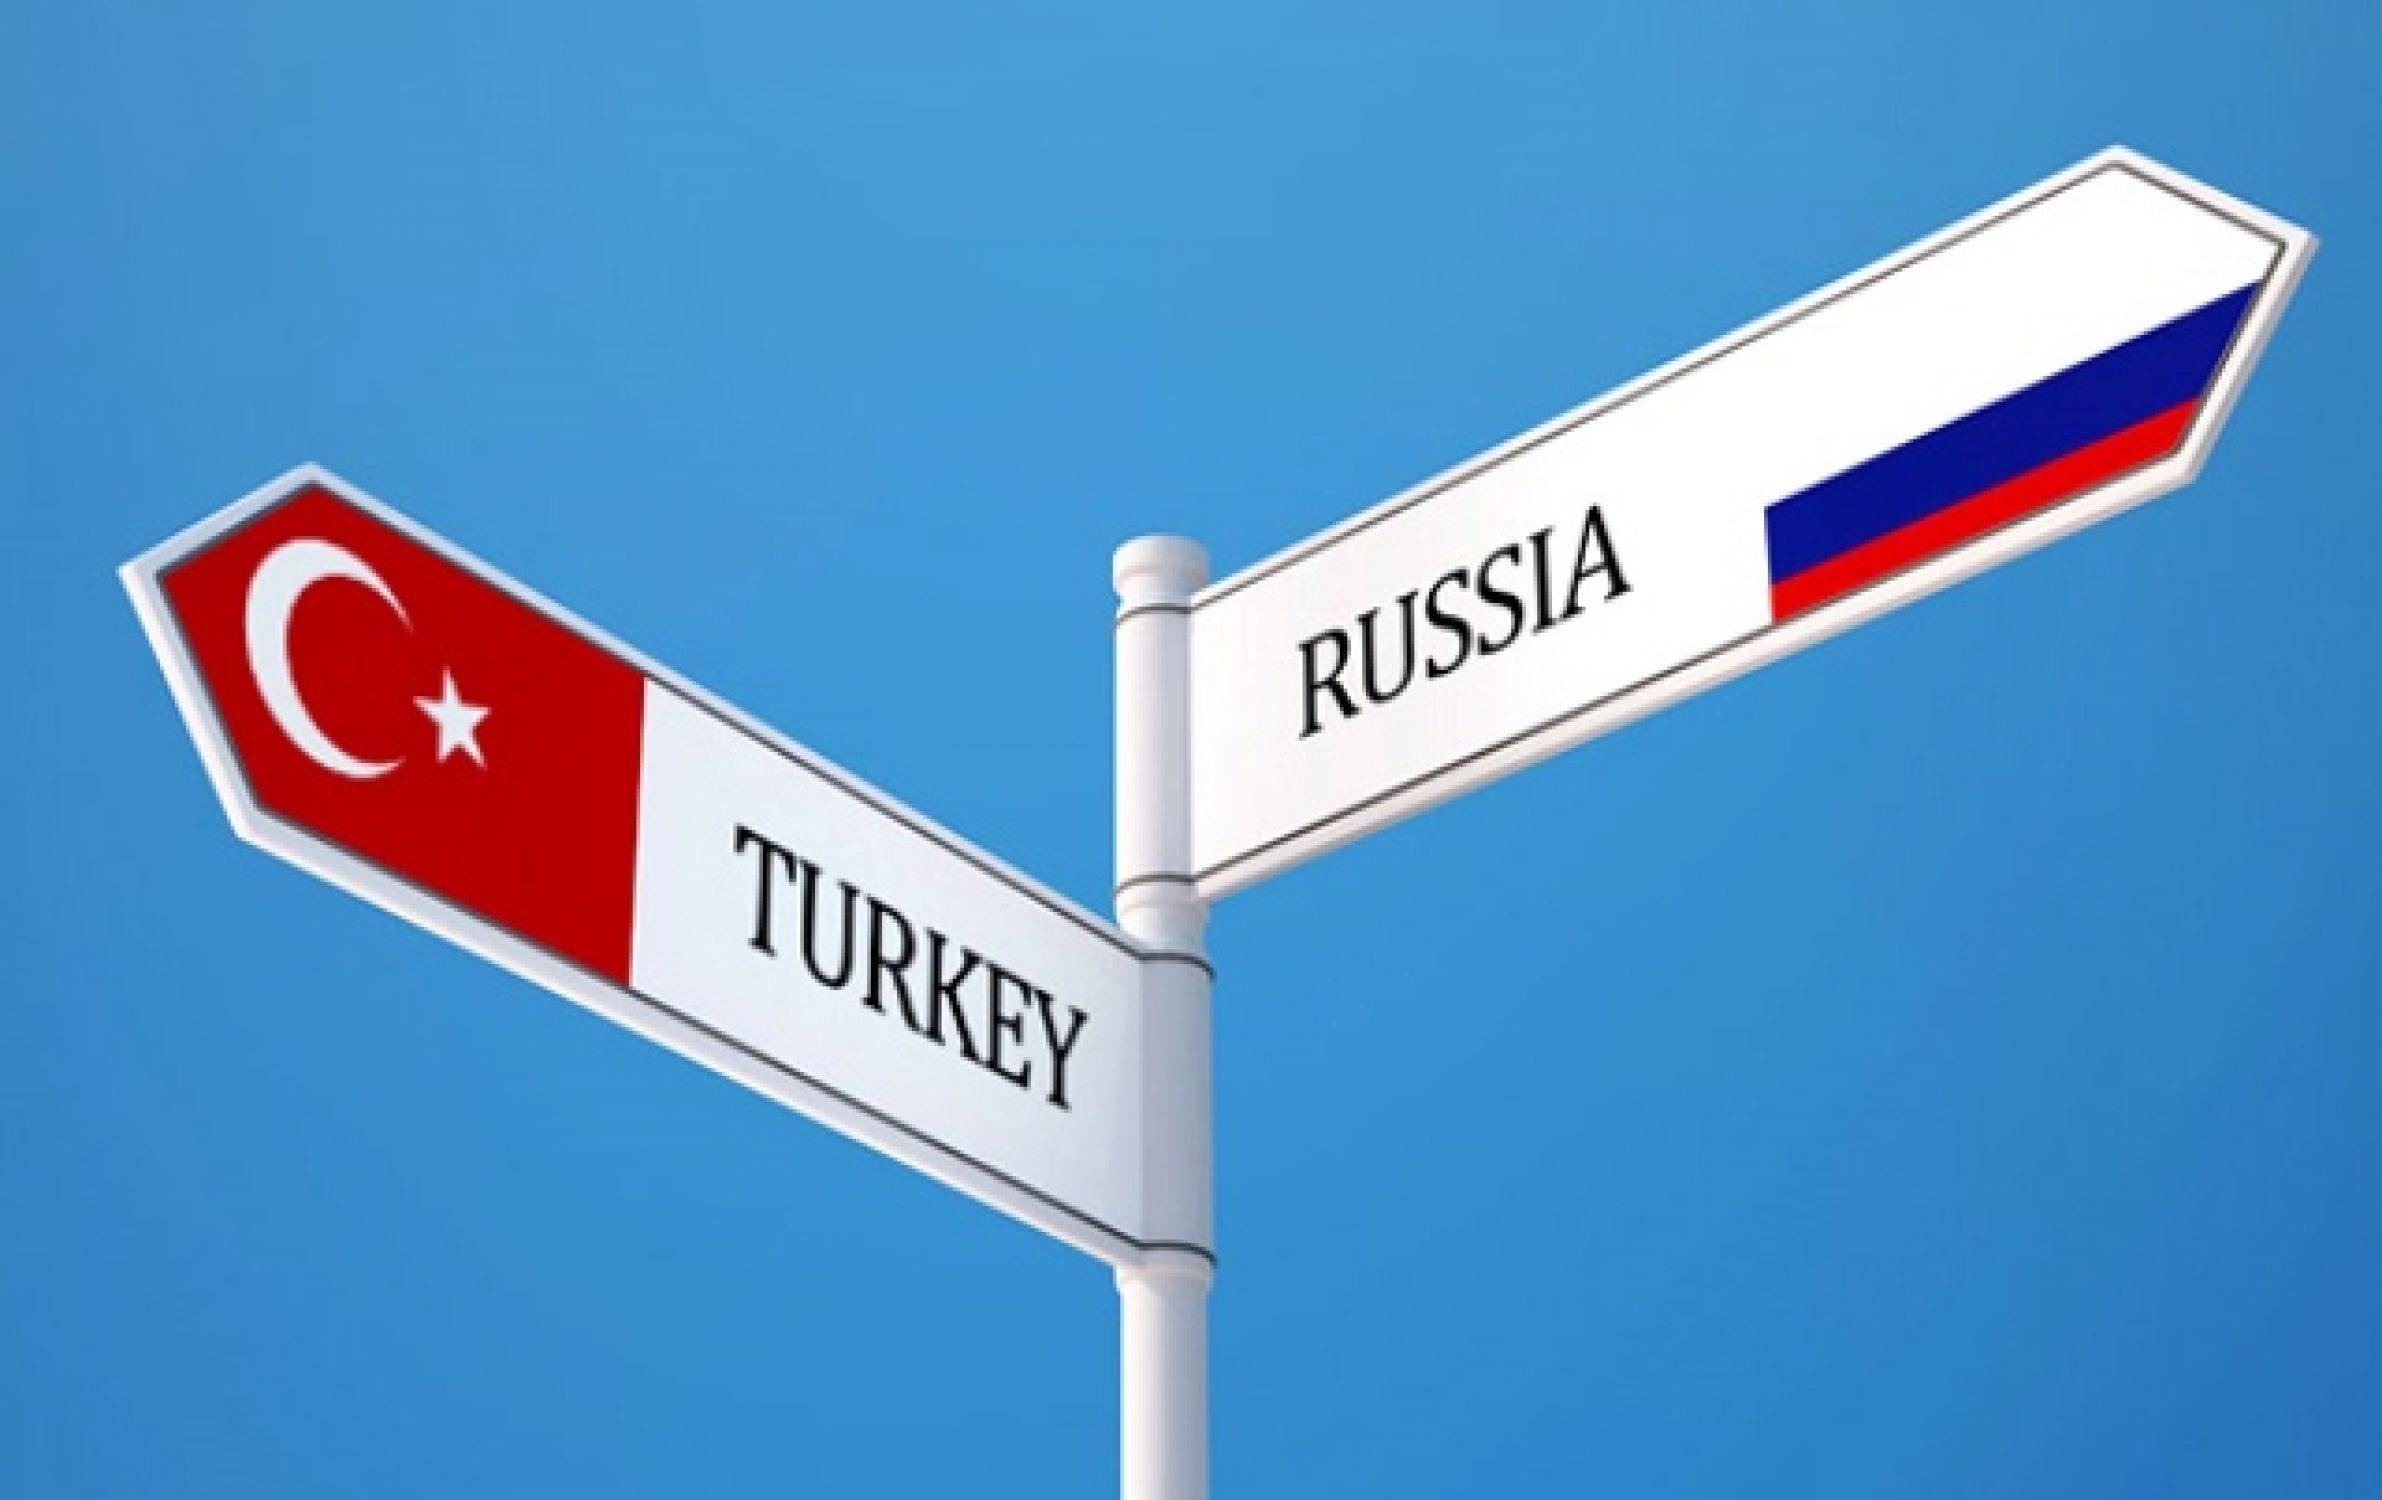 Год культуры и туризма России и Турции